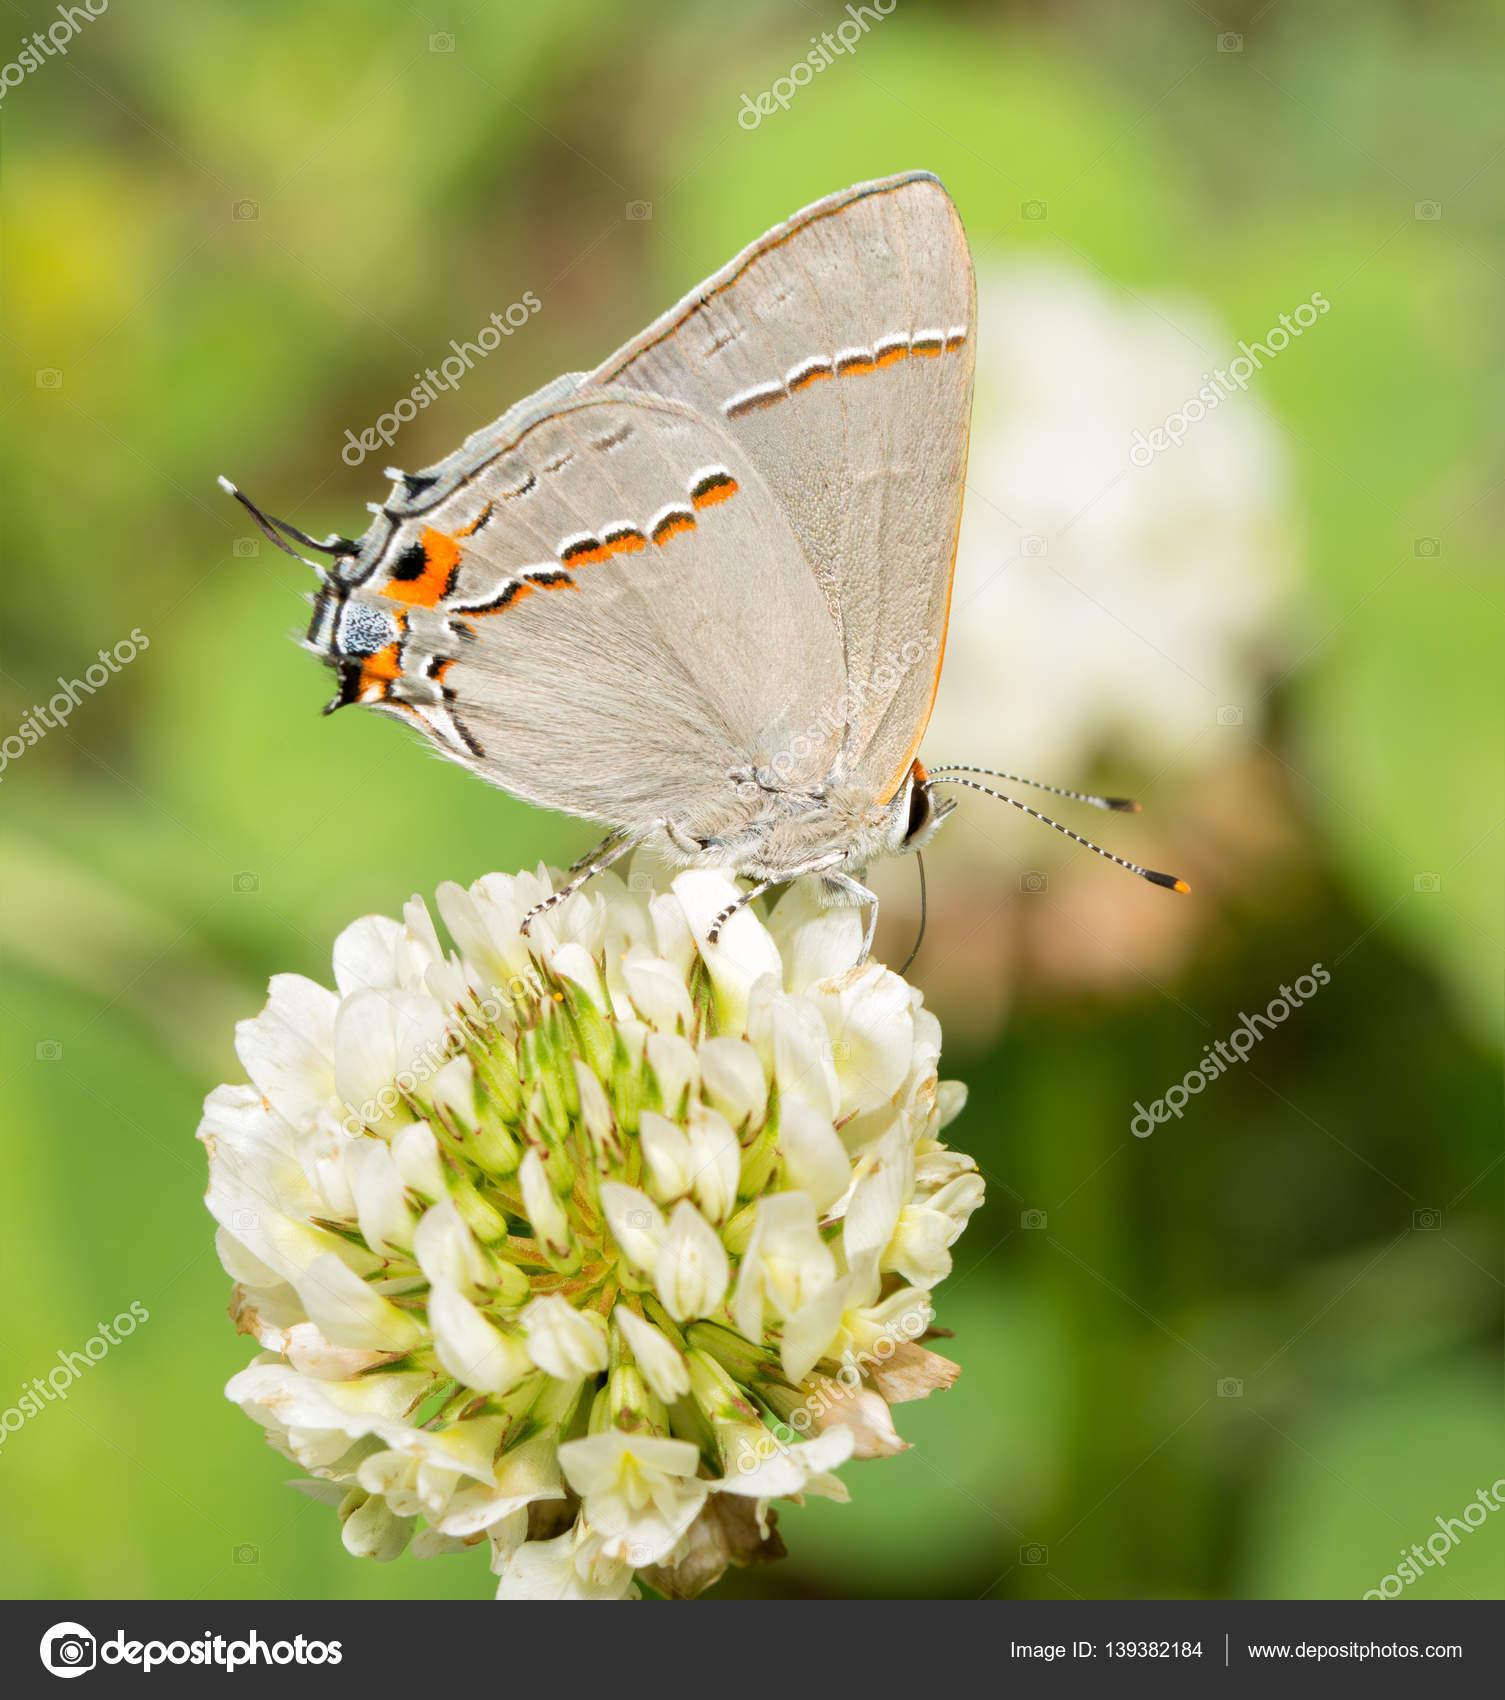 Winzige Graue Zipfelfalter Schmetterling Futterung Auf Eine Weissklee